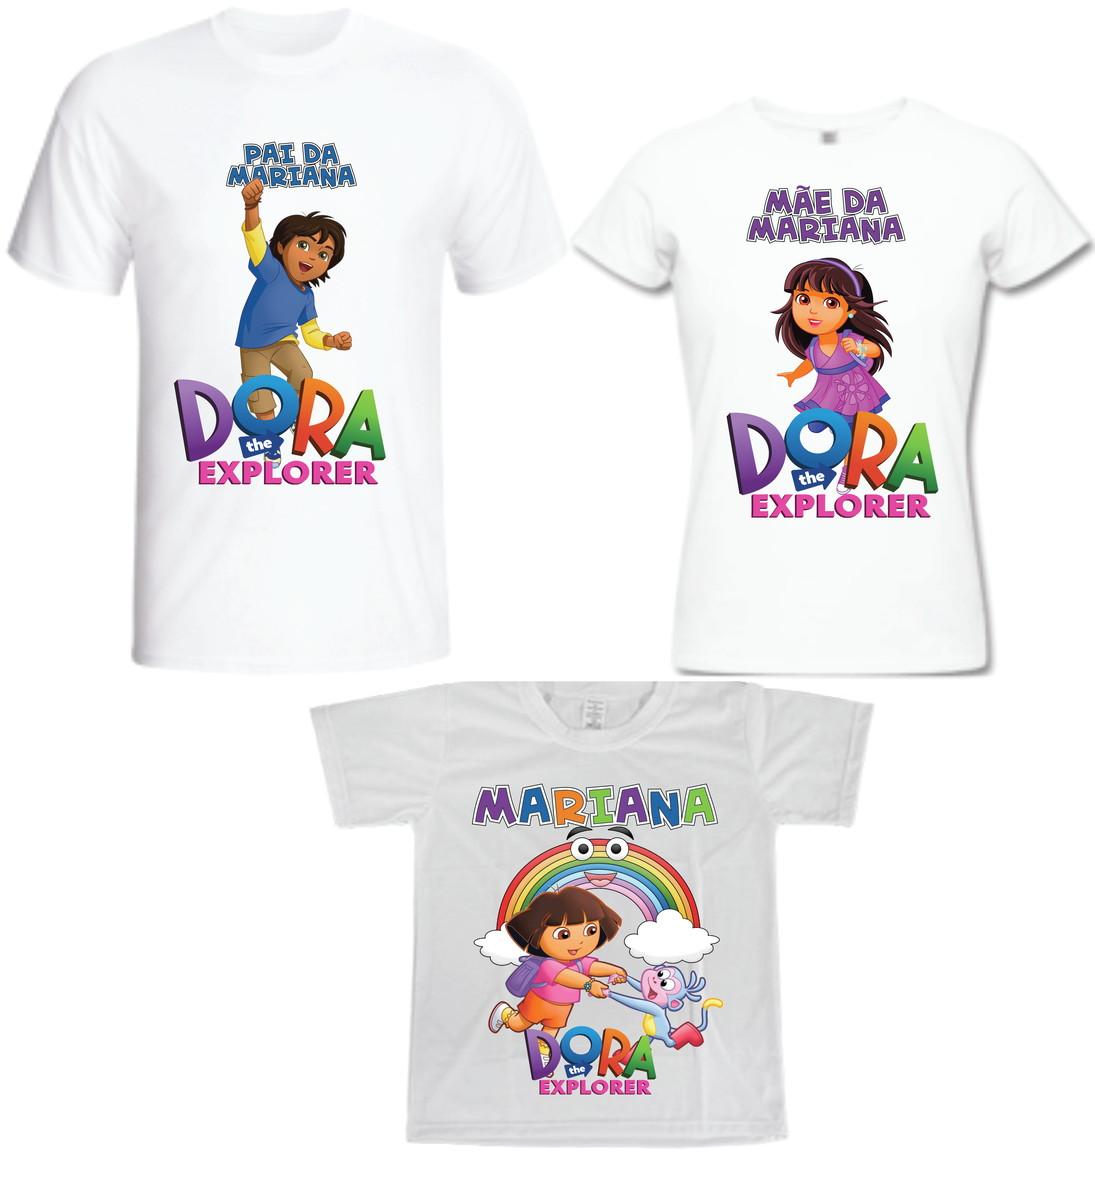 Camiseta Dora Aventureira Kit com 03 - Personalizada no Elo7  4f8146d899db0